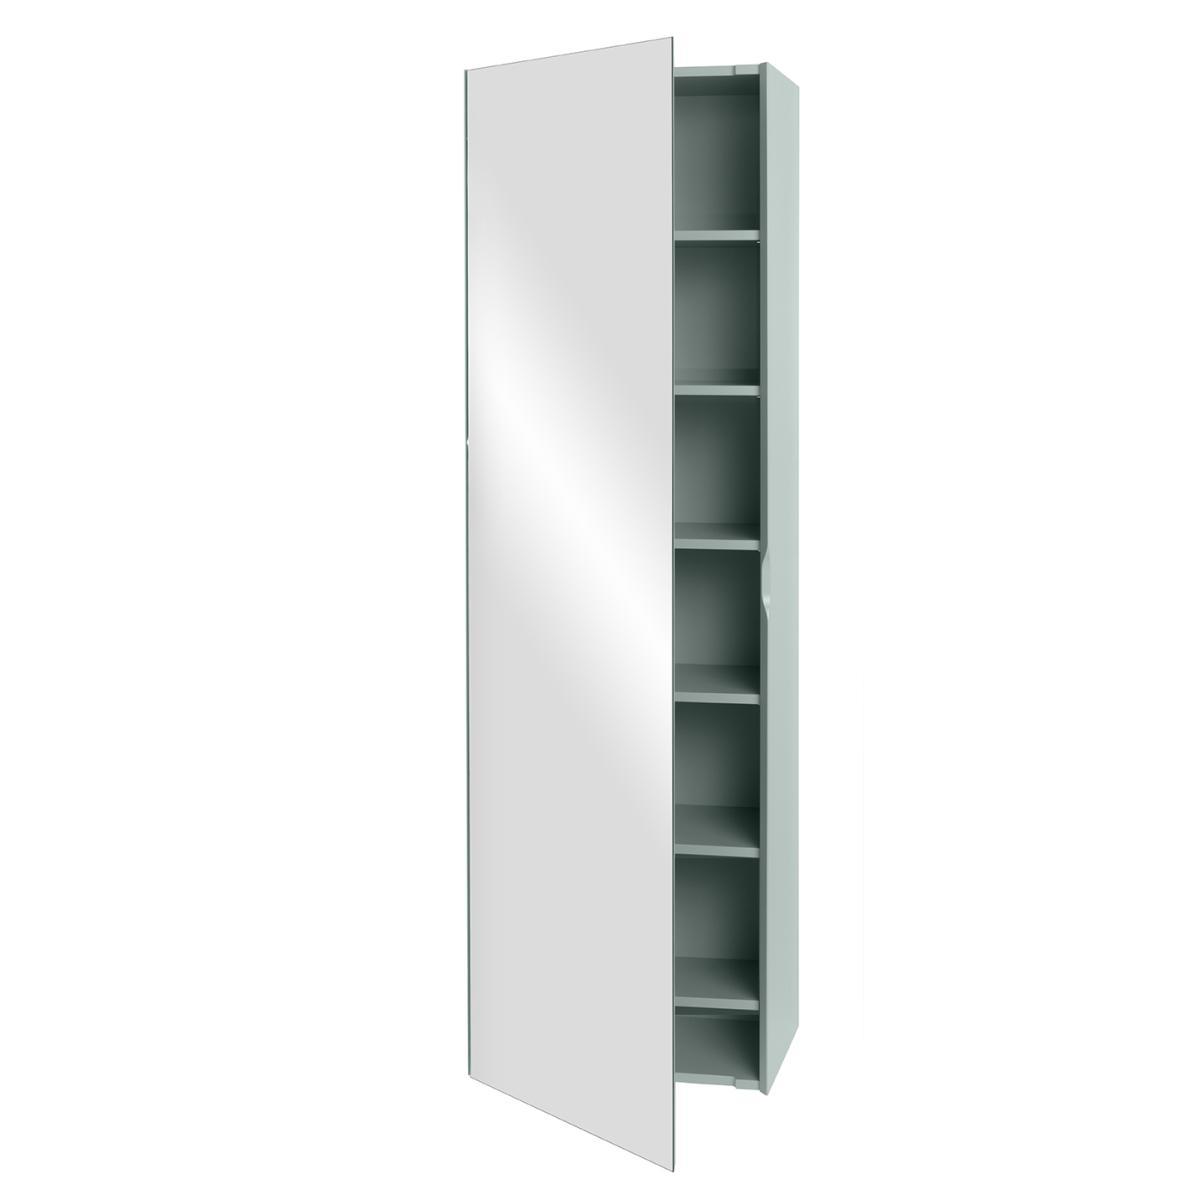 LINE Garderobenschrank mit voll verspiegelter Tür und 6 Fachböden